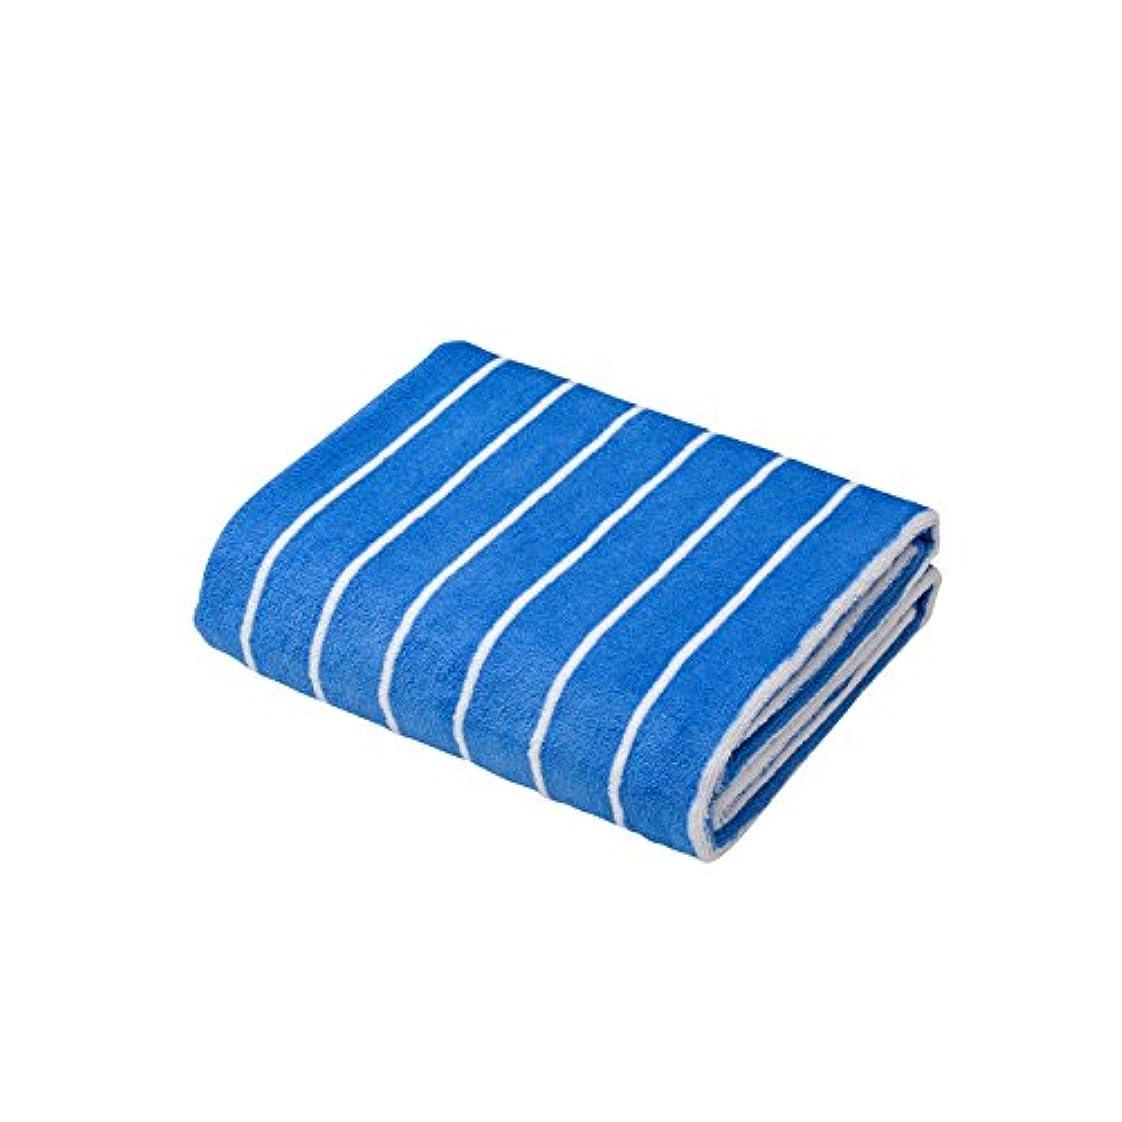 アーチモスマトリックスシービージャパン タオル ストライプ ブルー×ホワイト 速乾 ヘアドライタオル マイクロファイバー カラリクオ carari